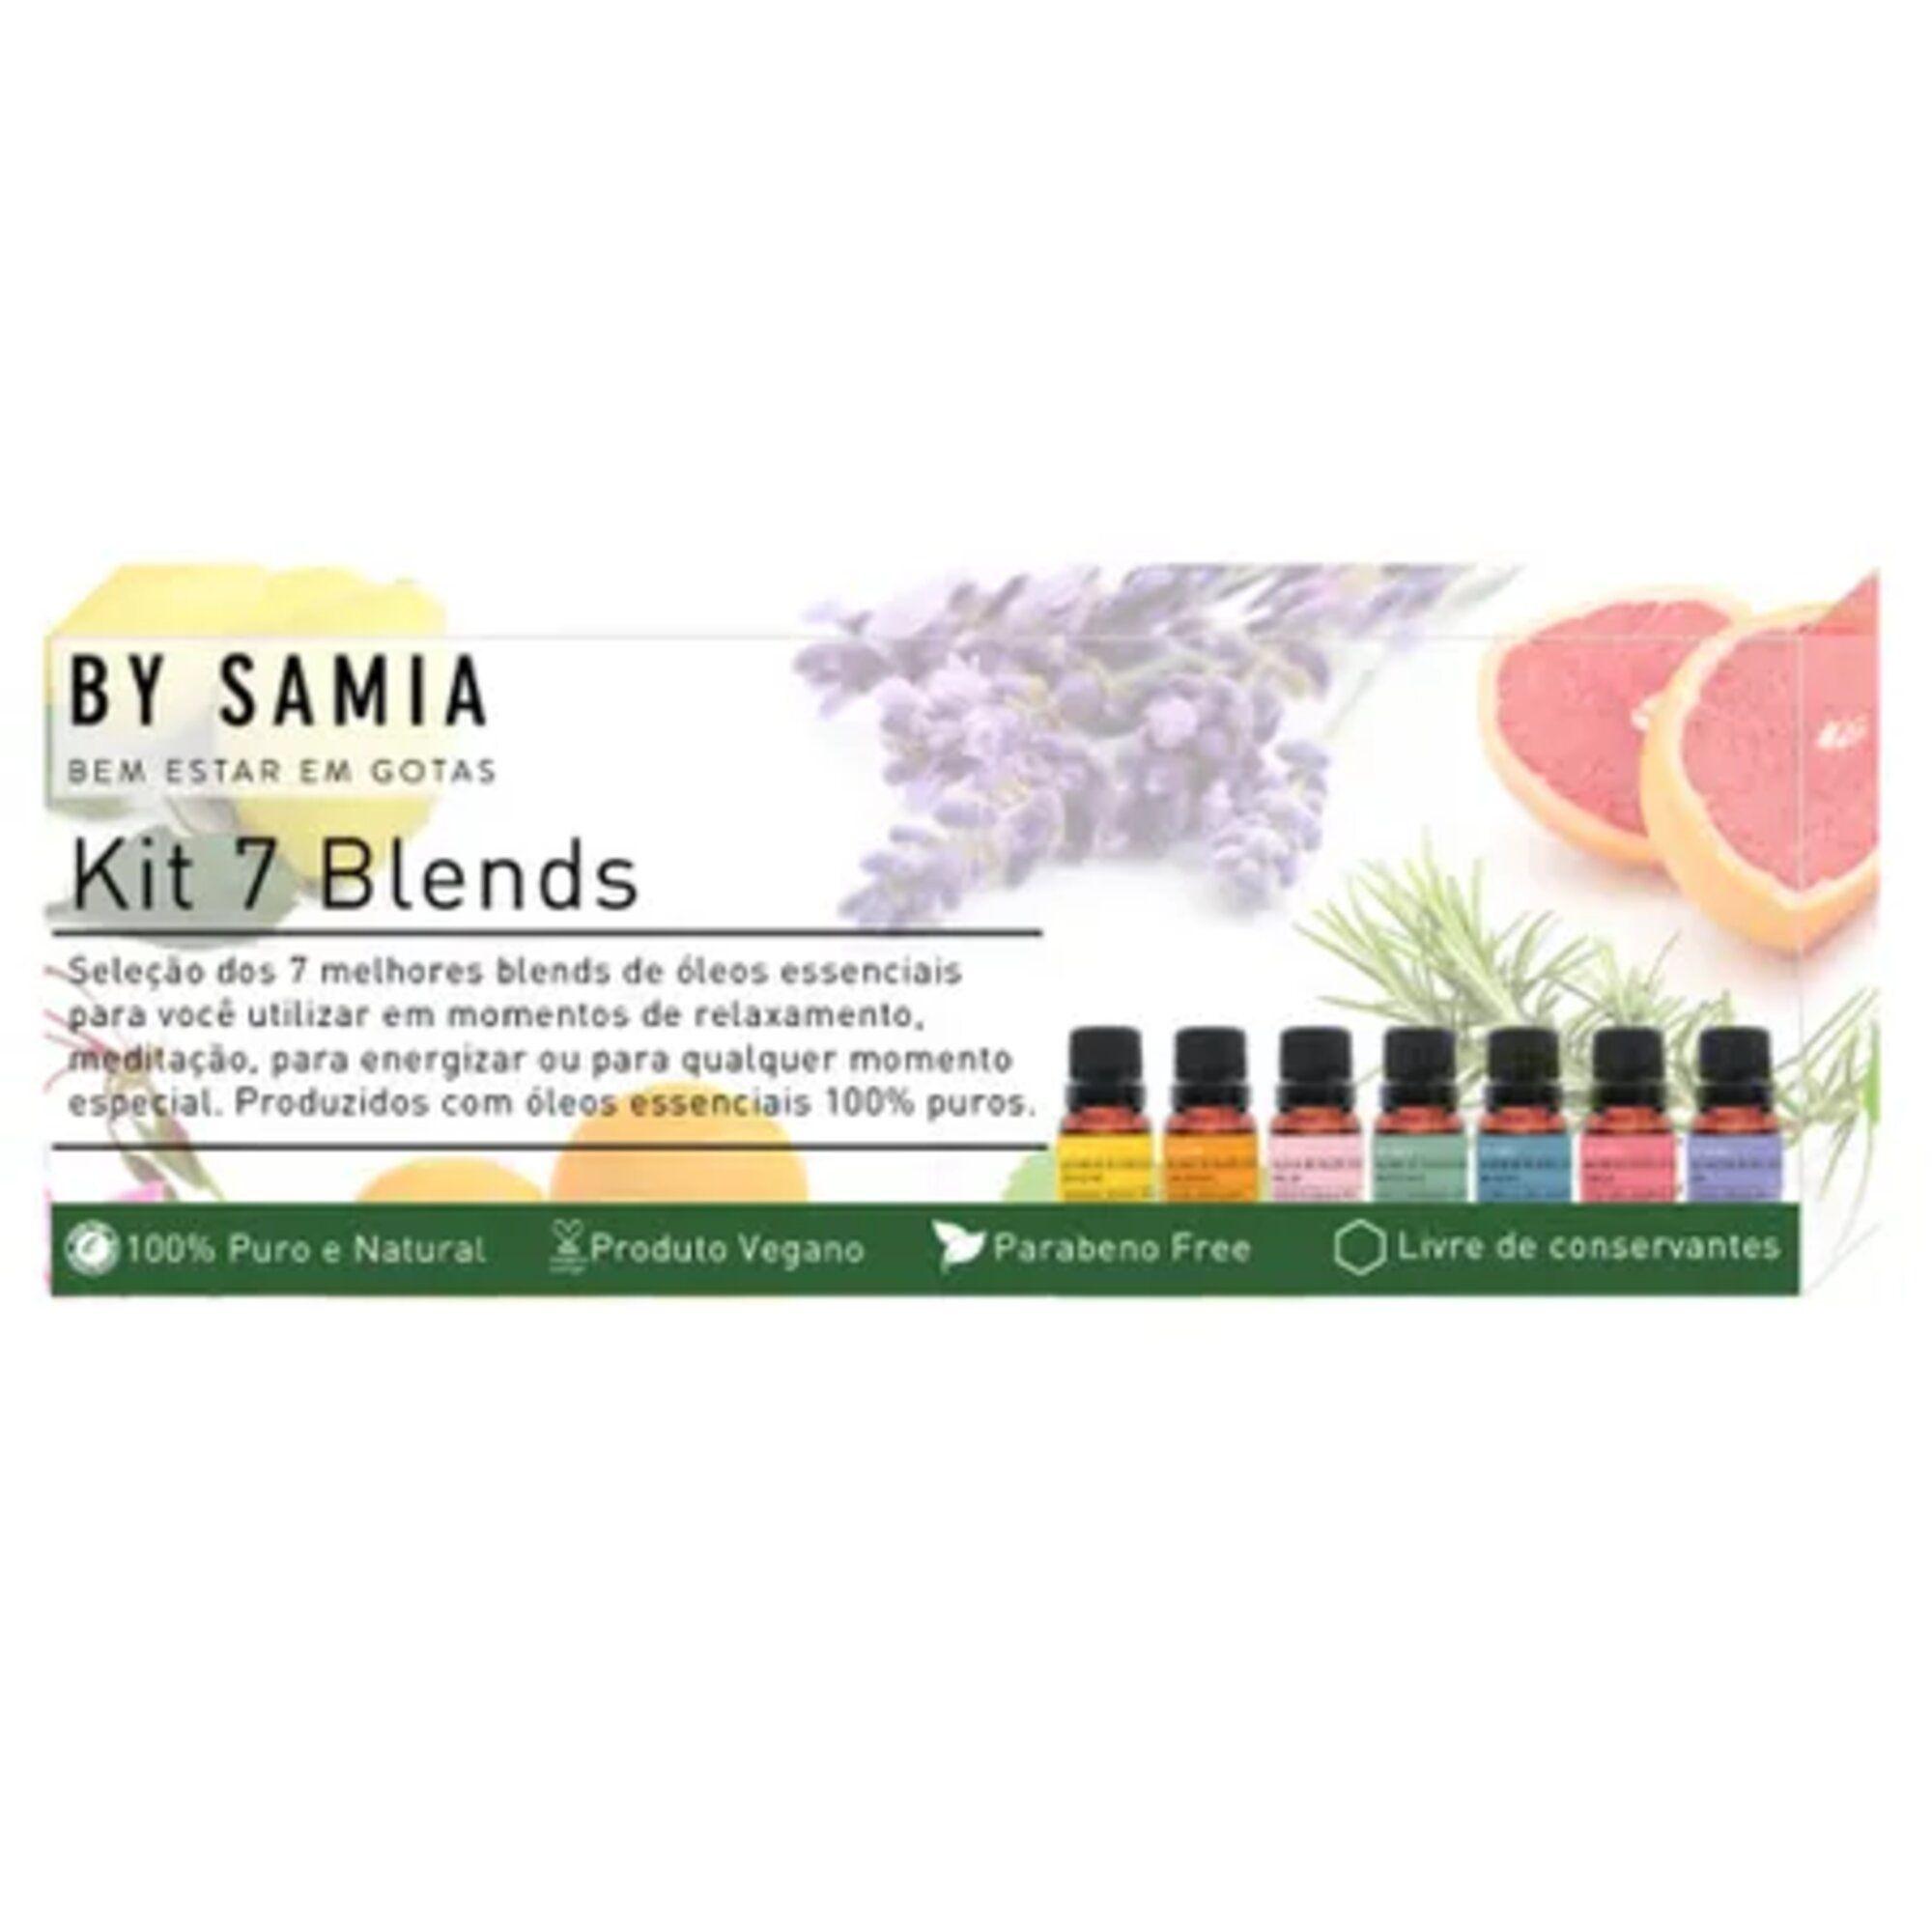 Kit 7 Blends Óleos essências By Samia